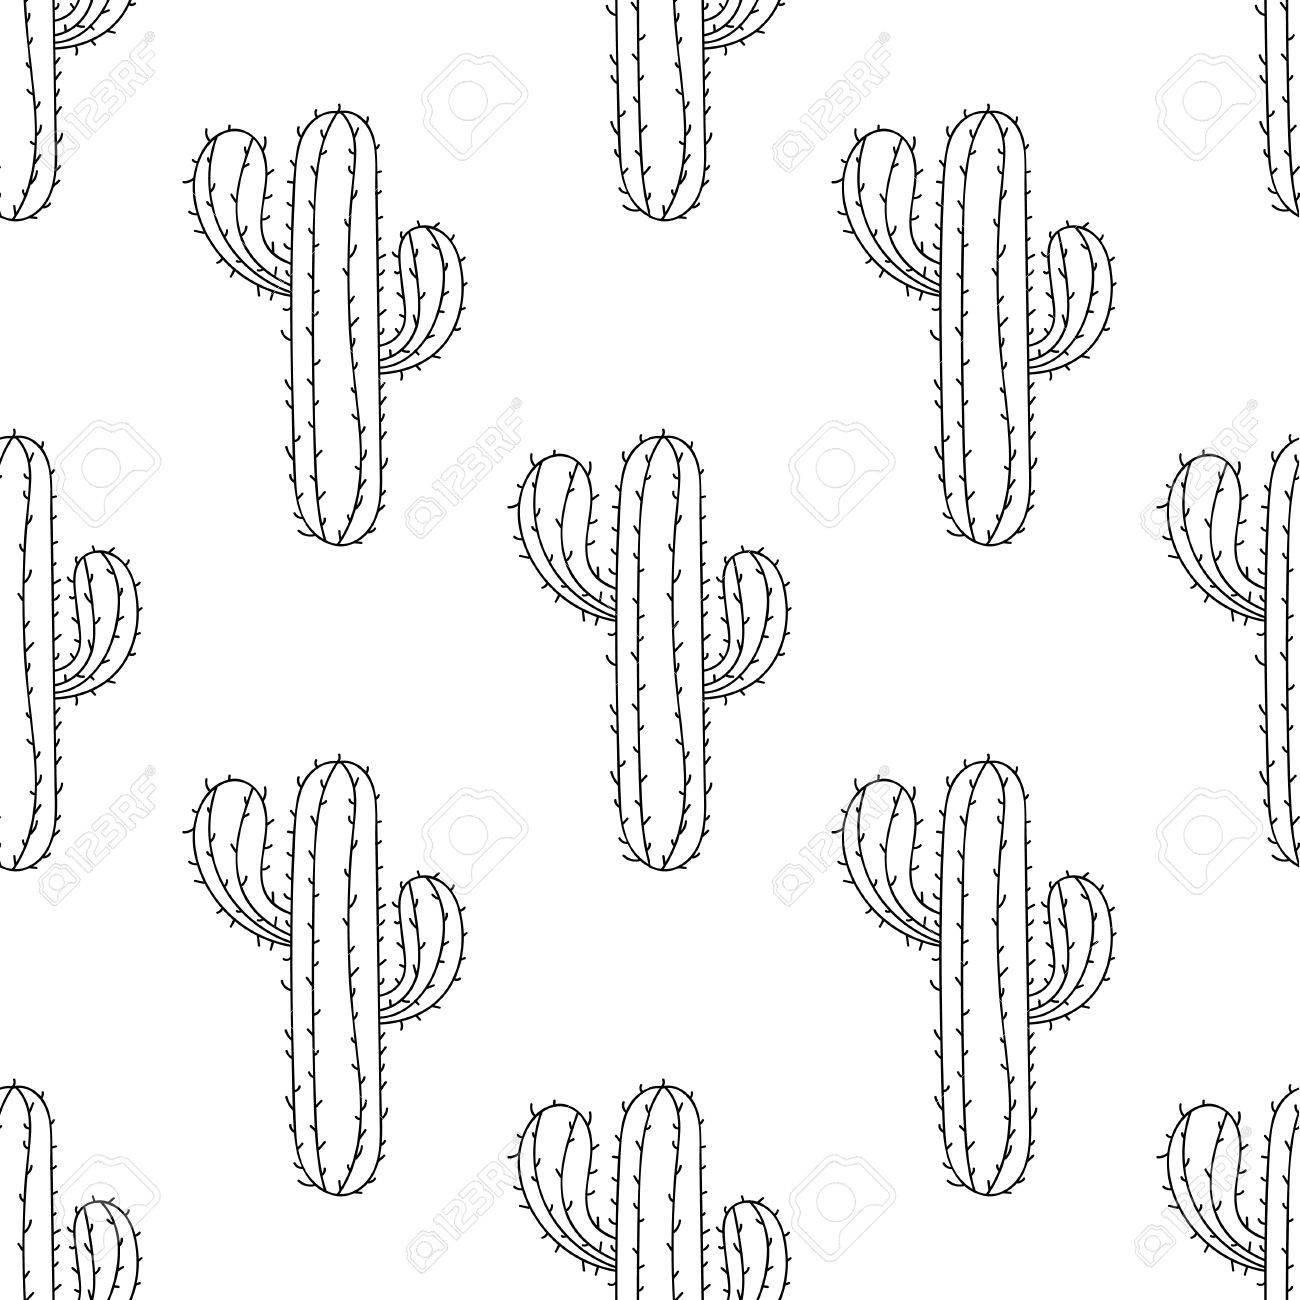 Cactus Mexicano Patrón Transparente, Ilustración Vectorial. Dibujado ...